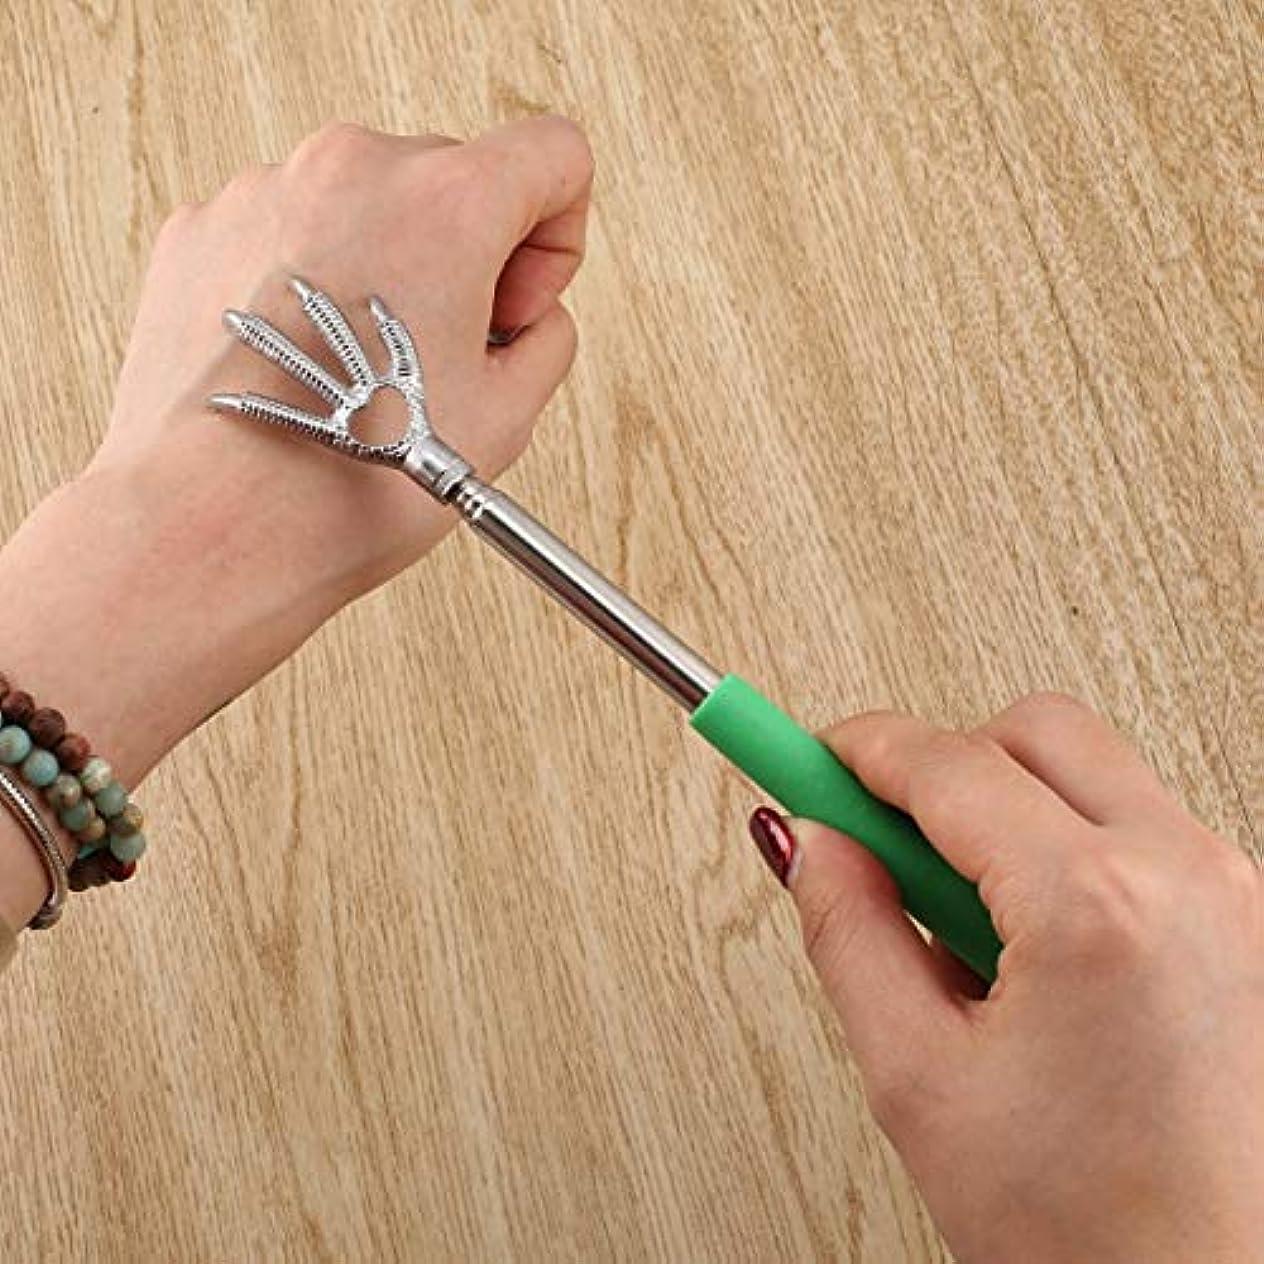 じゃがいもクリームクローゼットCompact Telescopic Claw Stainless Steel Massager Back Scratcher 22-58cm Adjustable Back Scratching Massage Hand...